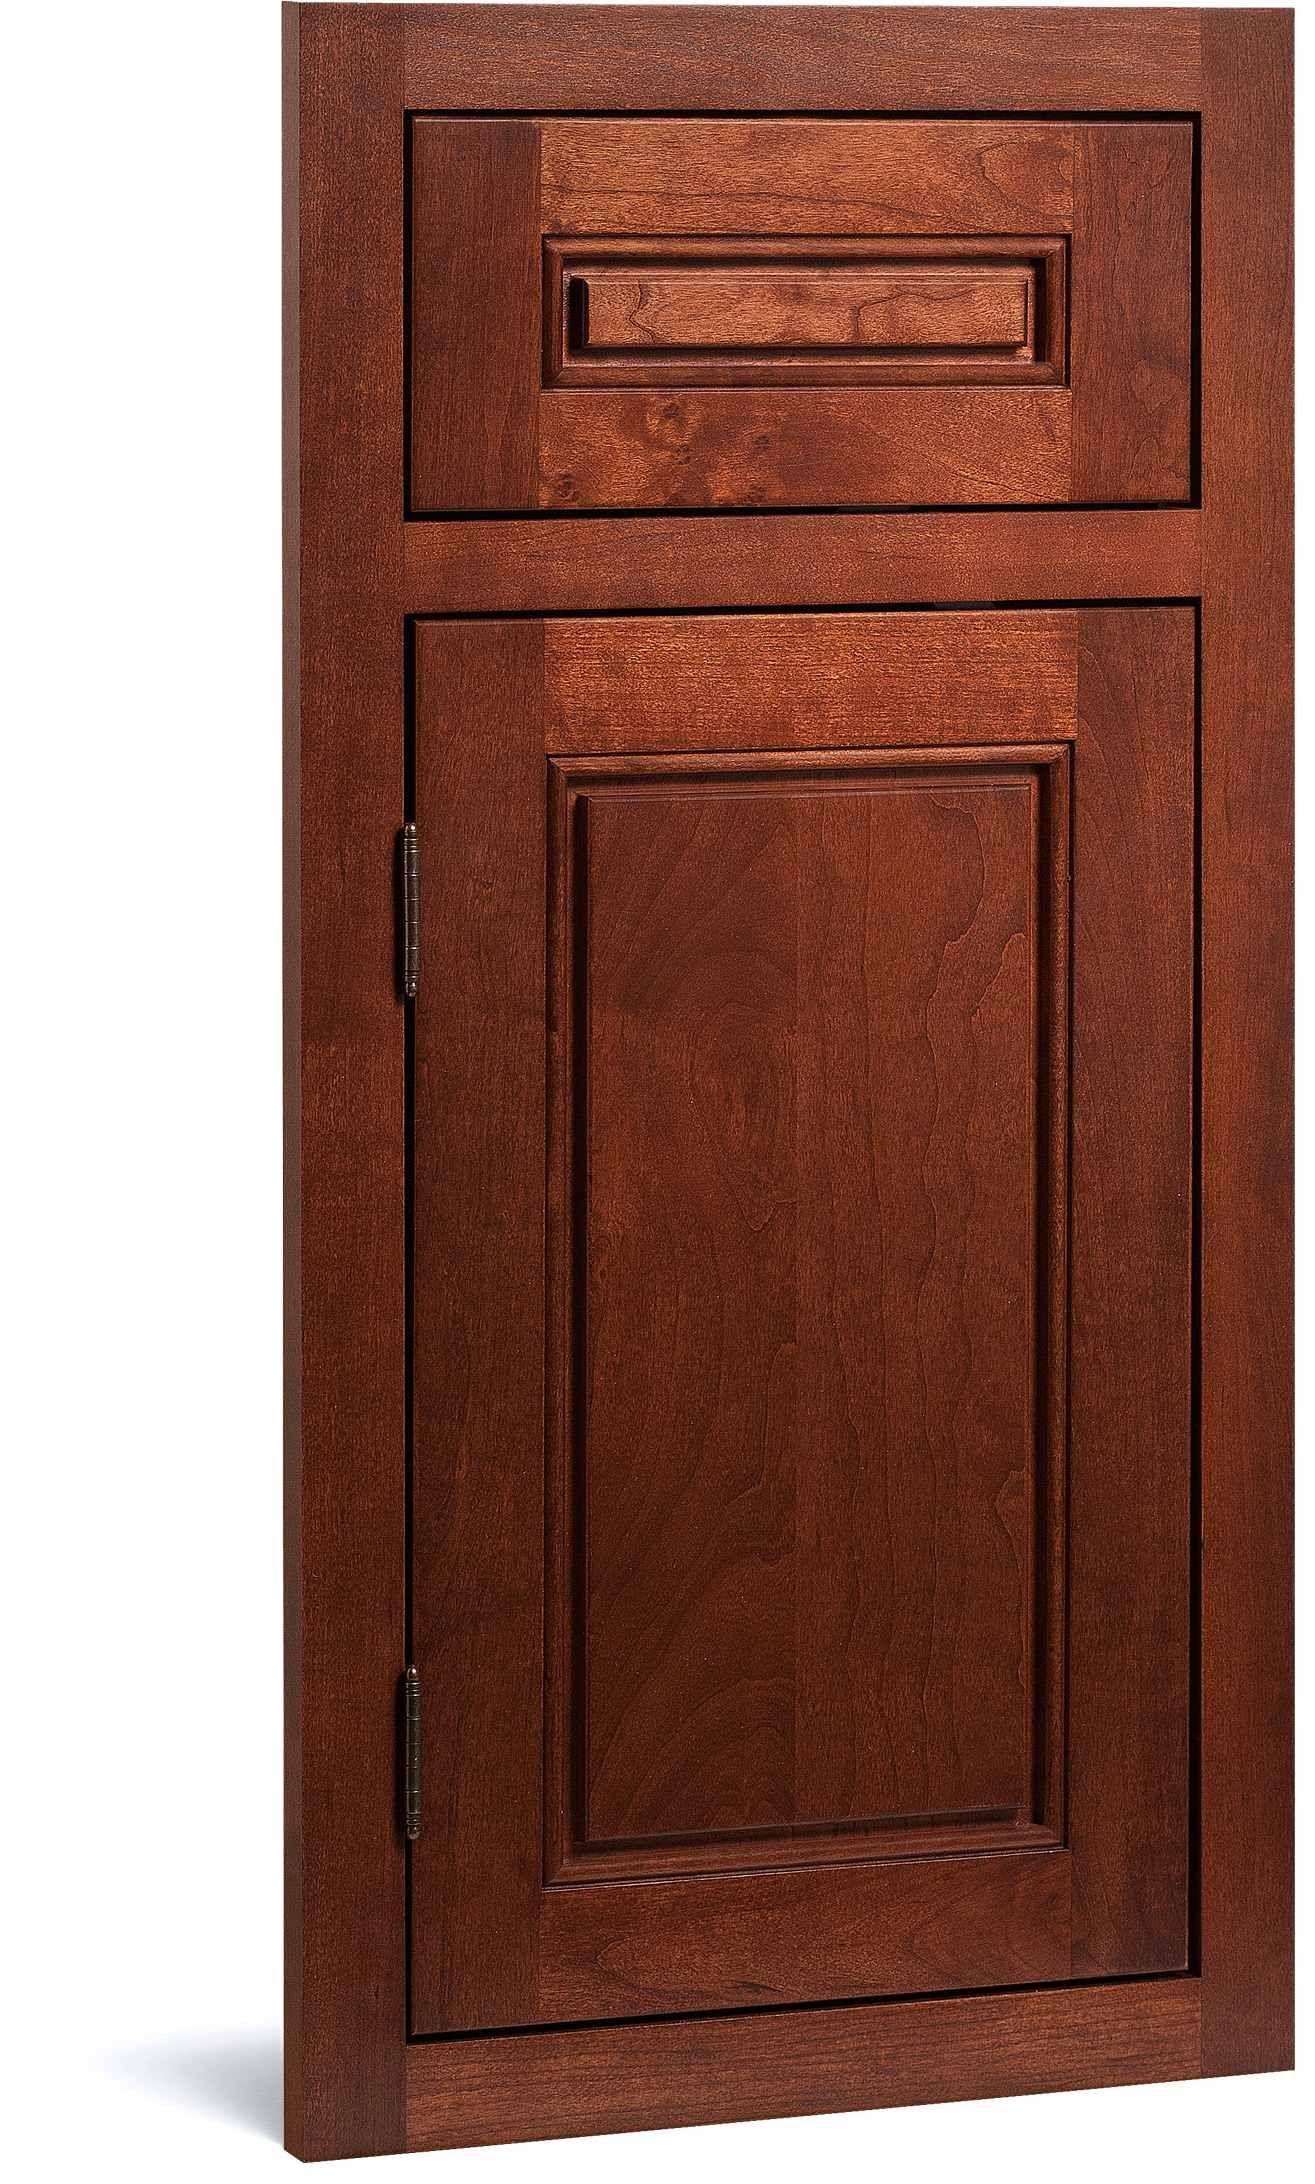 Kitchen Cabinets Fairmont Doors Cliqstudios Kitchen Cabinet Door Styles Cabinet Door Styles Kitchen Cabinet Doors